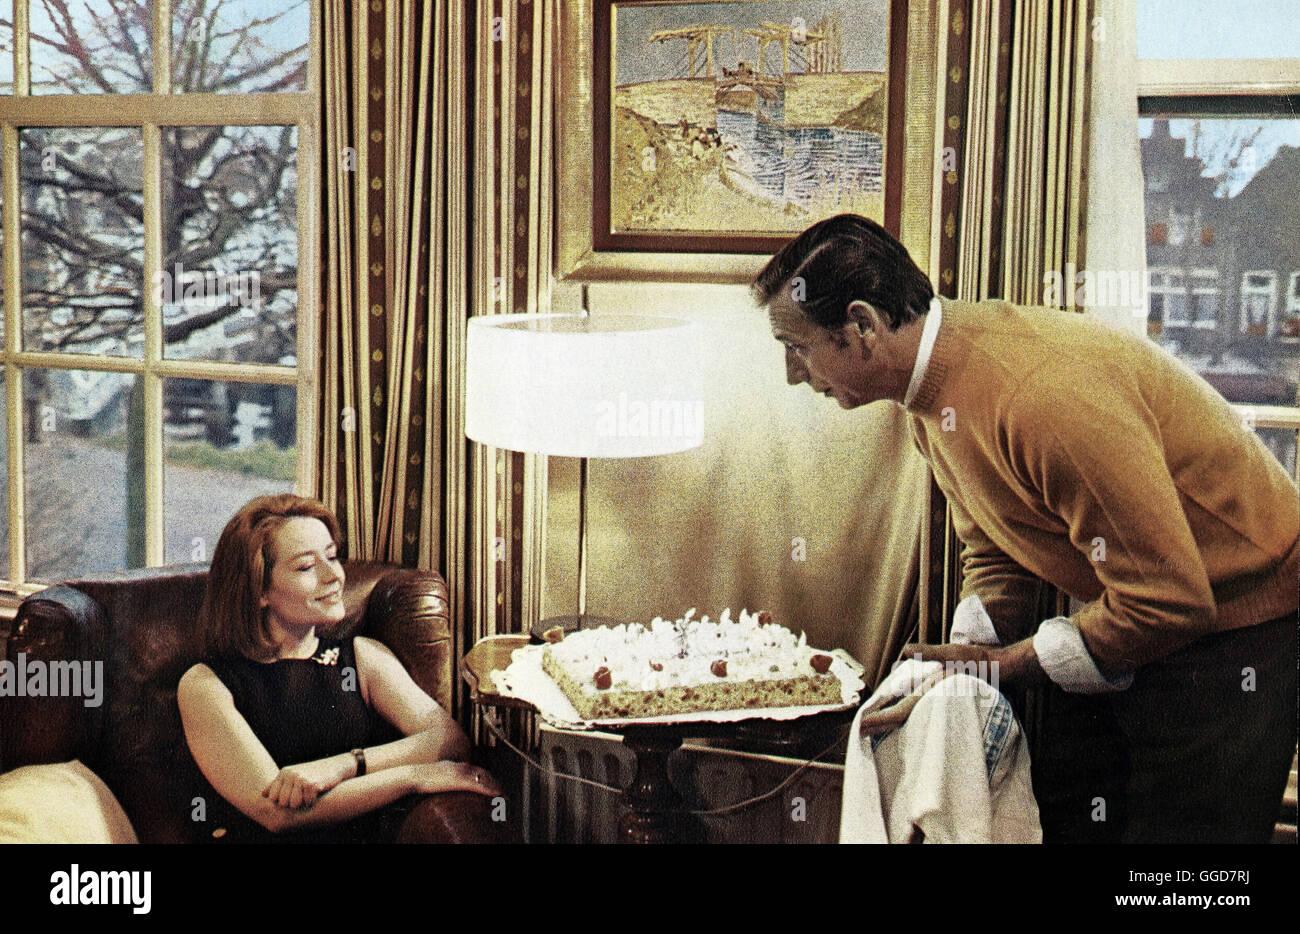 VIVRE POUR VIVRE / Vivre pour vivre FRA 1967 / Annie Girardot und Yves Montand alias. Vivre pour vivre Banque D'Images